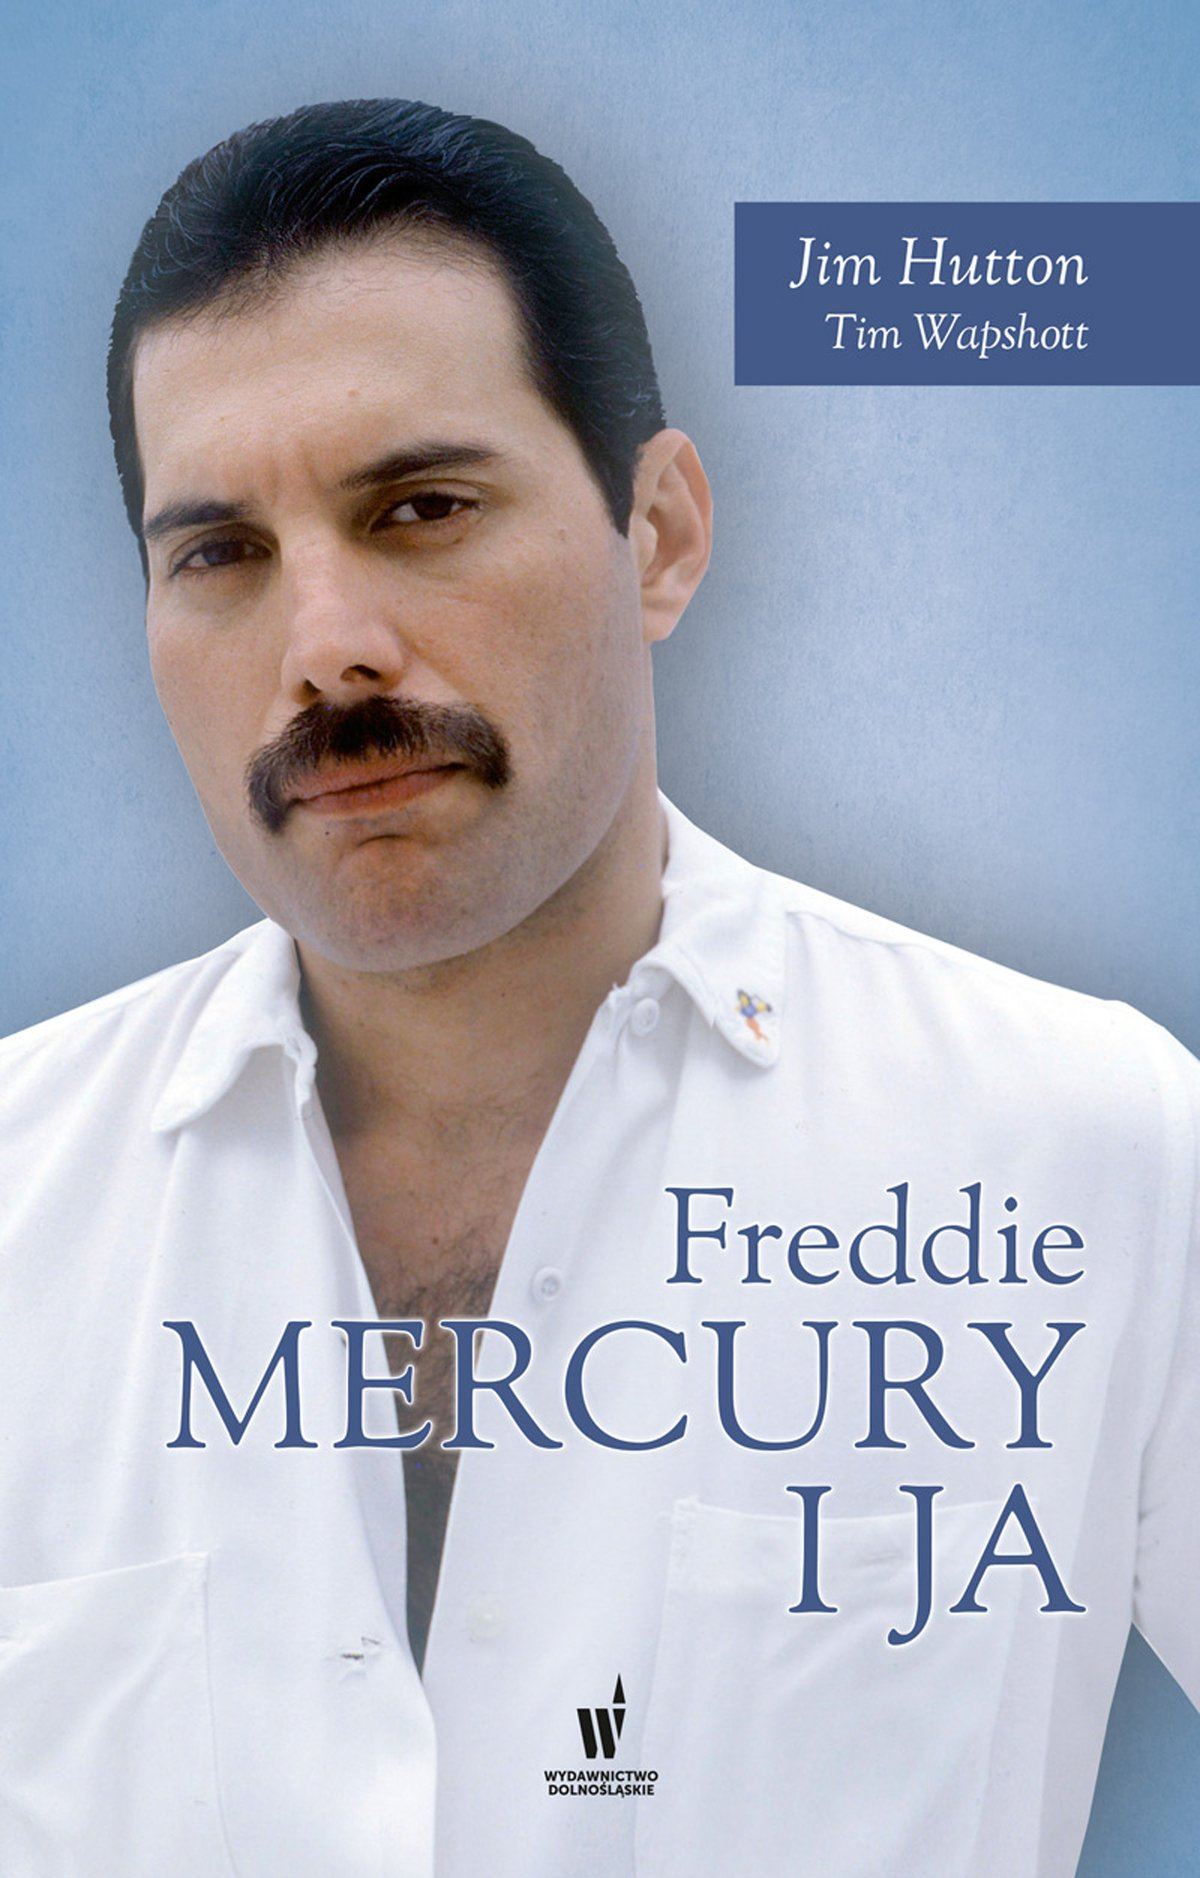 Freddie Mercury i ja - Ebook (Książka EPUB) do pobrania w formacie EPUB